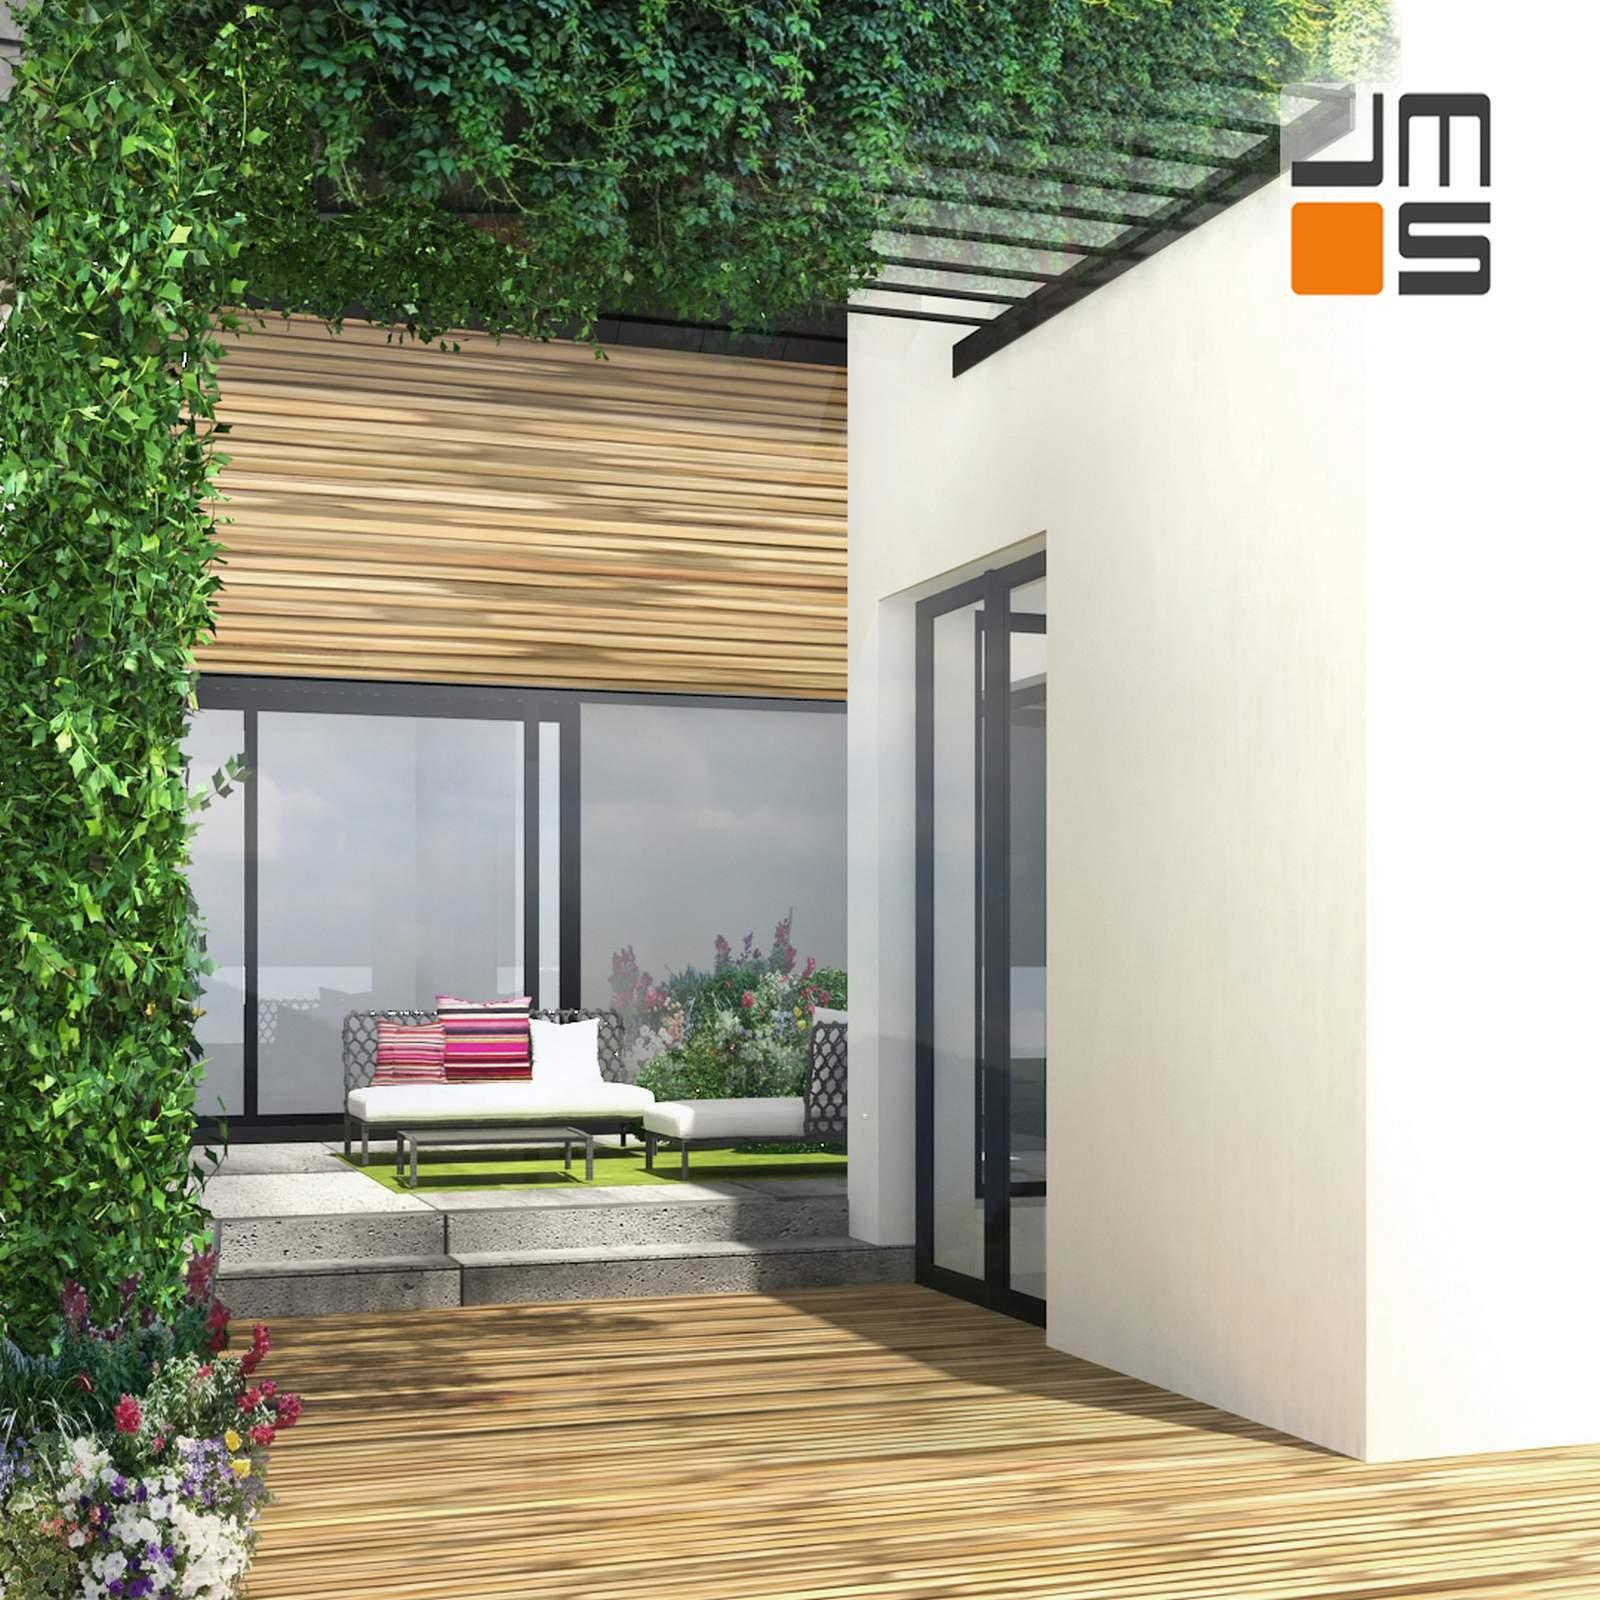 Balkon W Domu Jednorodzinnym: Nowoczesny Projekt Domu Jednorodzinnego , Dom Na Działce